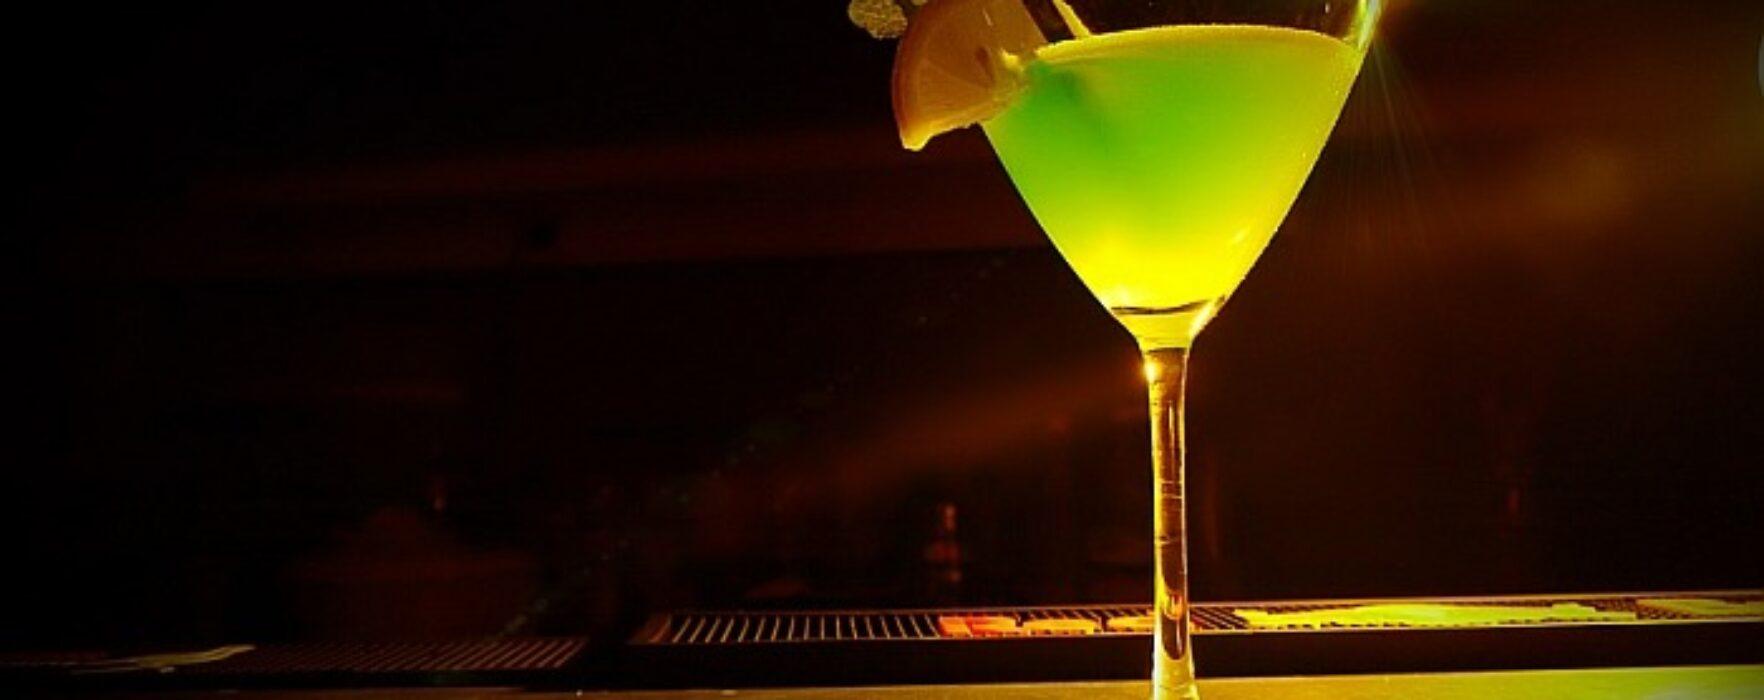 Şapte băuturi de care nu trebuie să te mai atingi niciodată